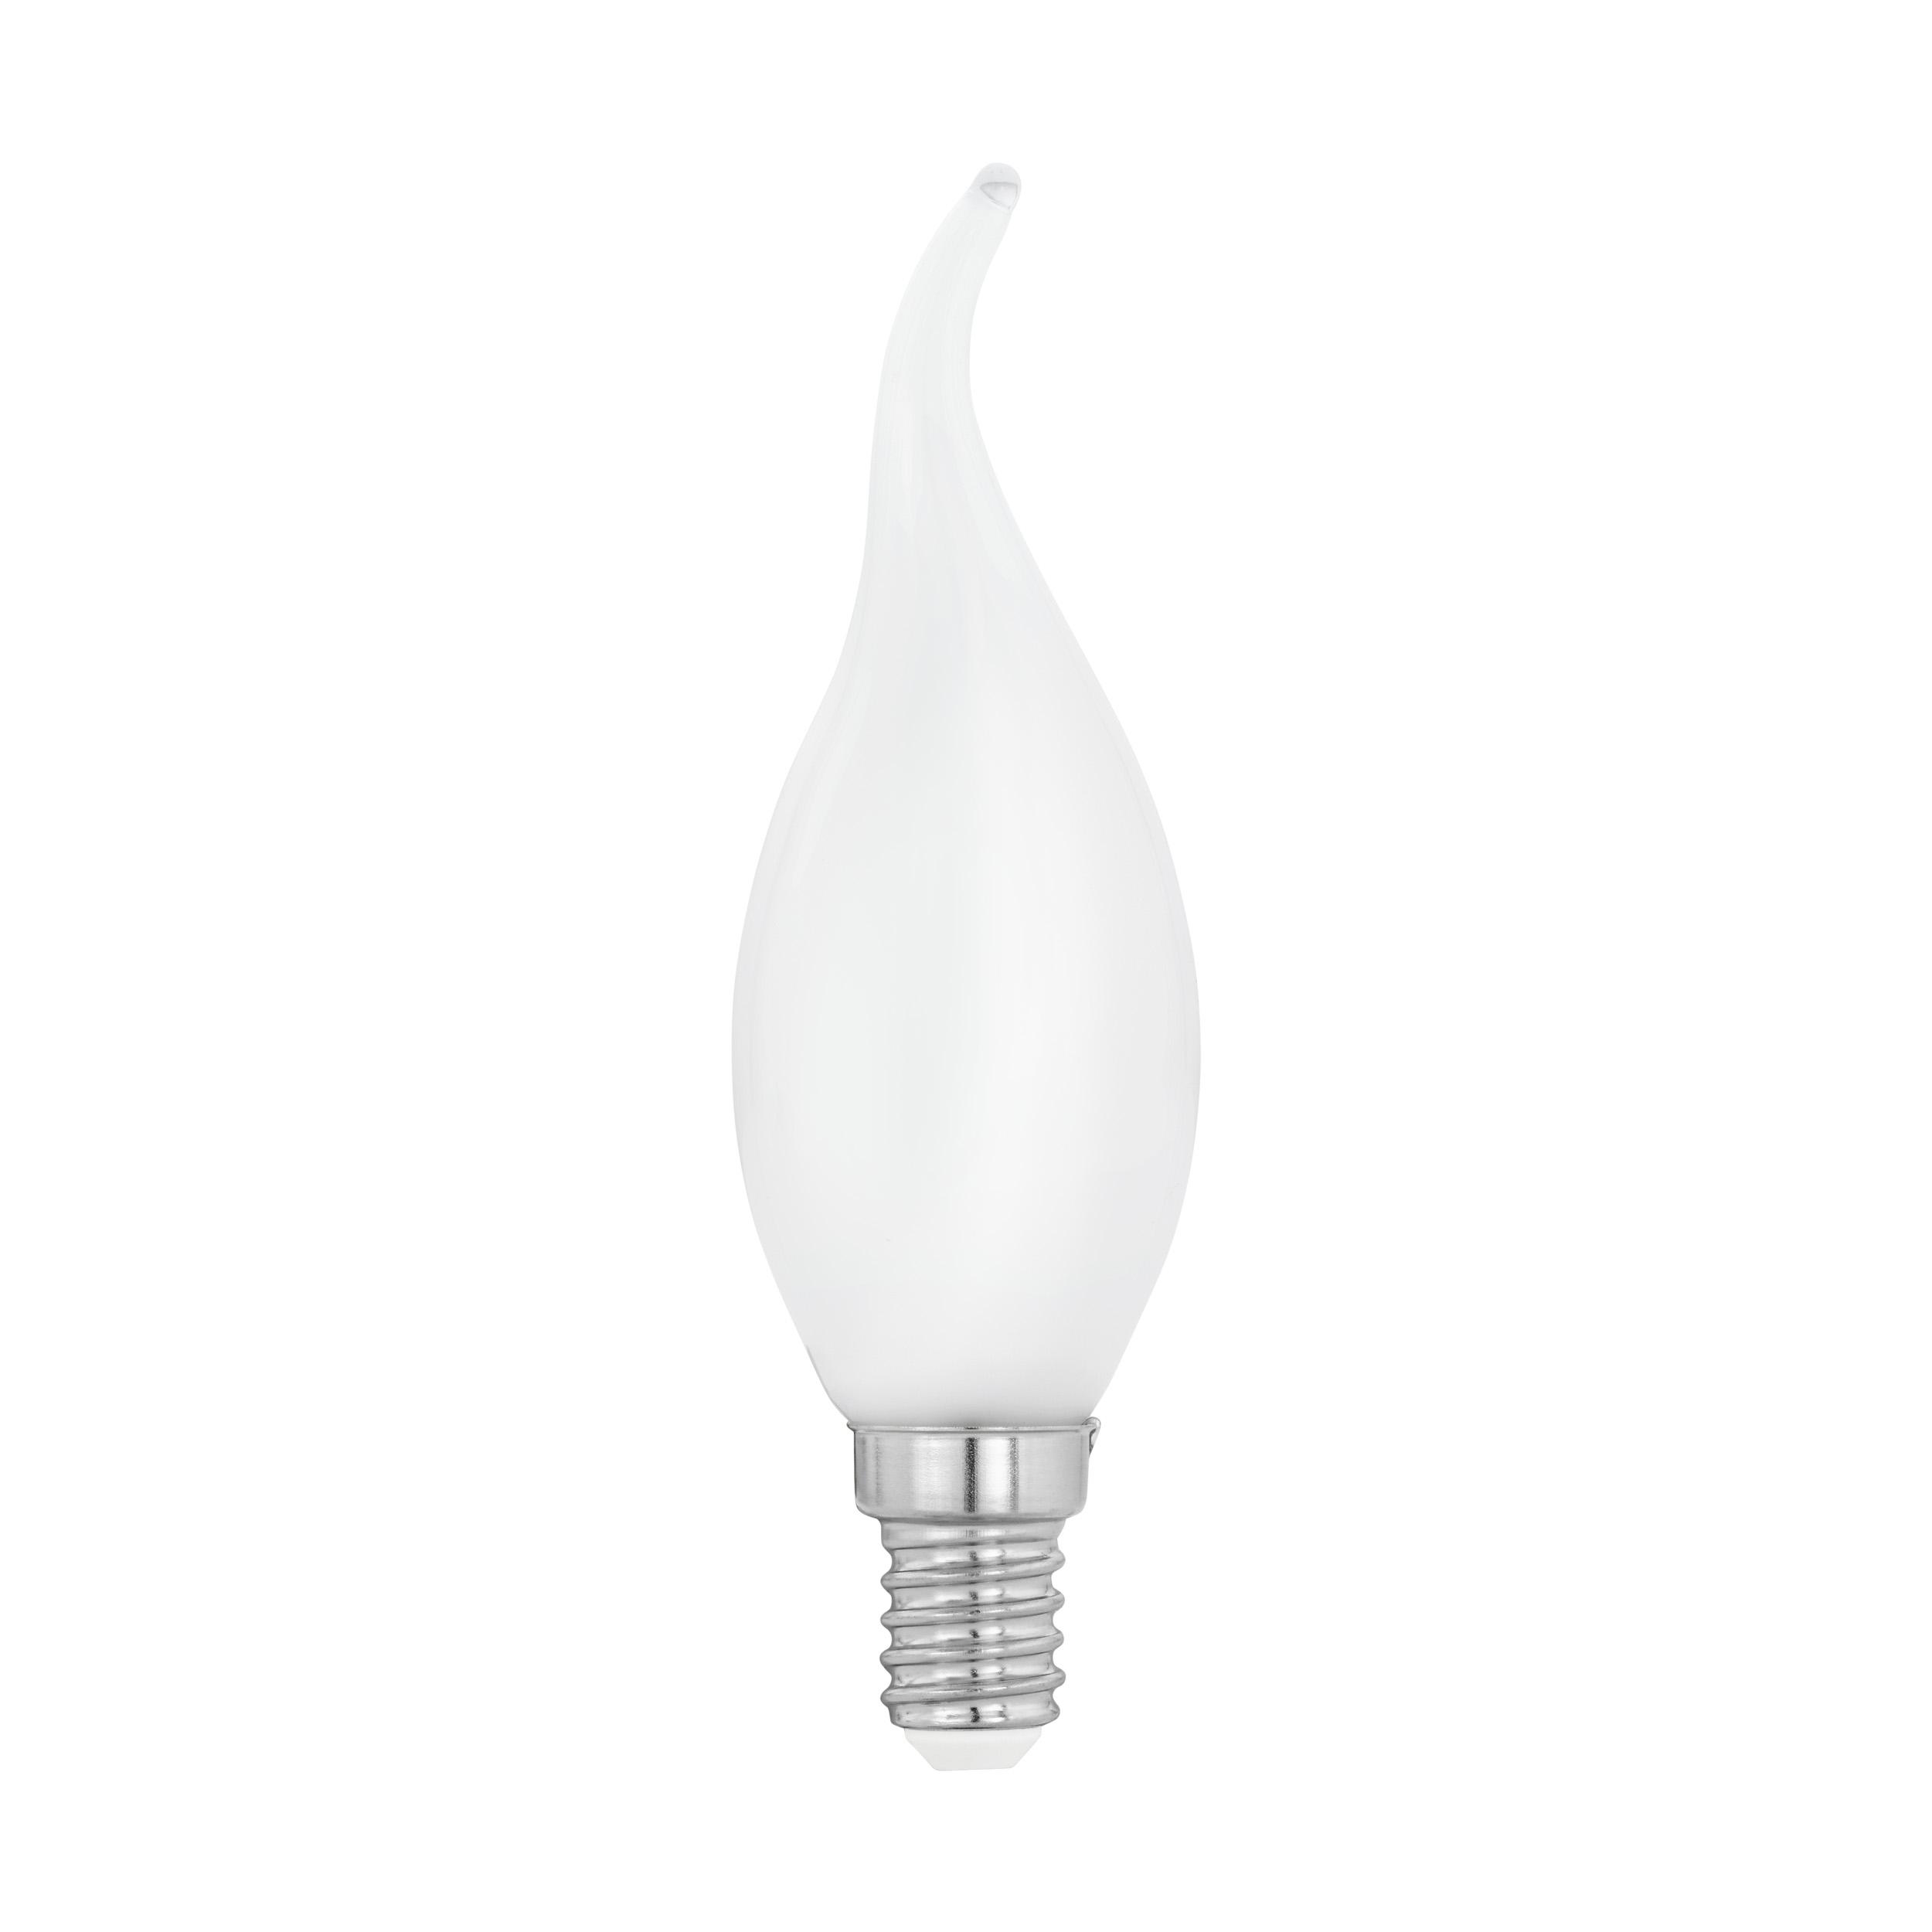 1 Stk E14-LED-CF37 4W / Windstosskerze 2700  LI69188---